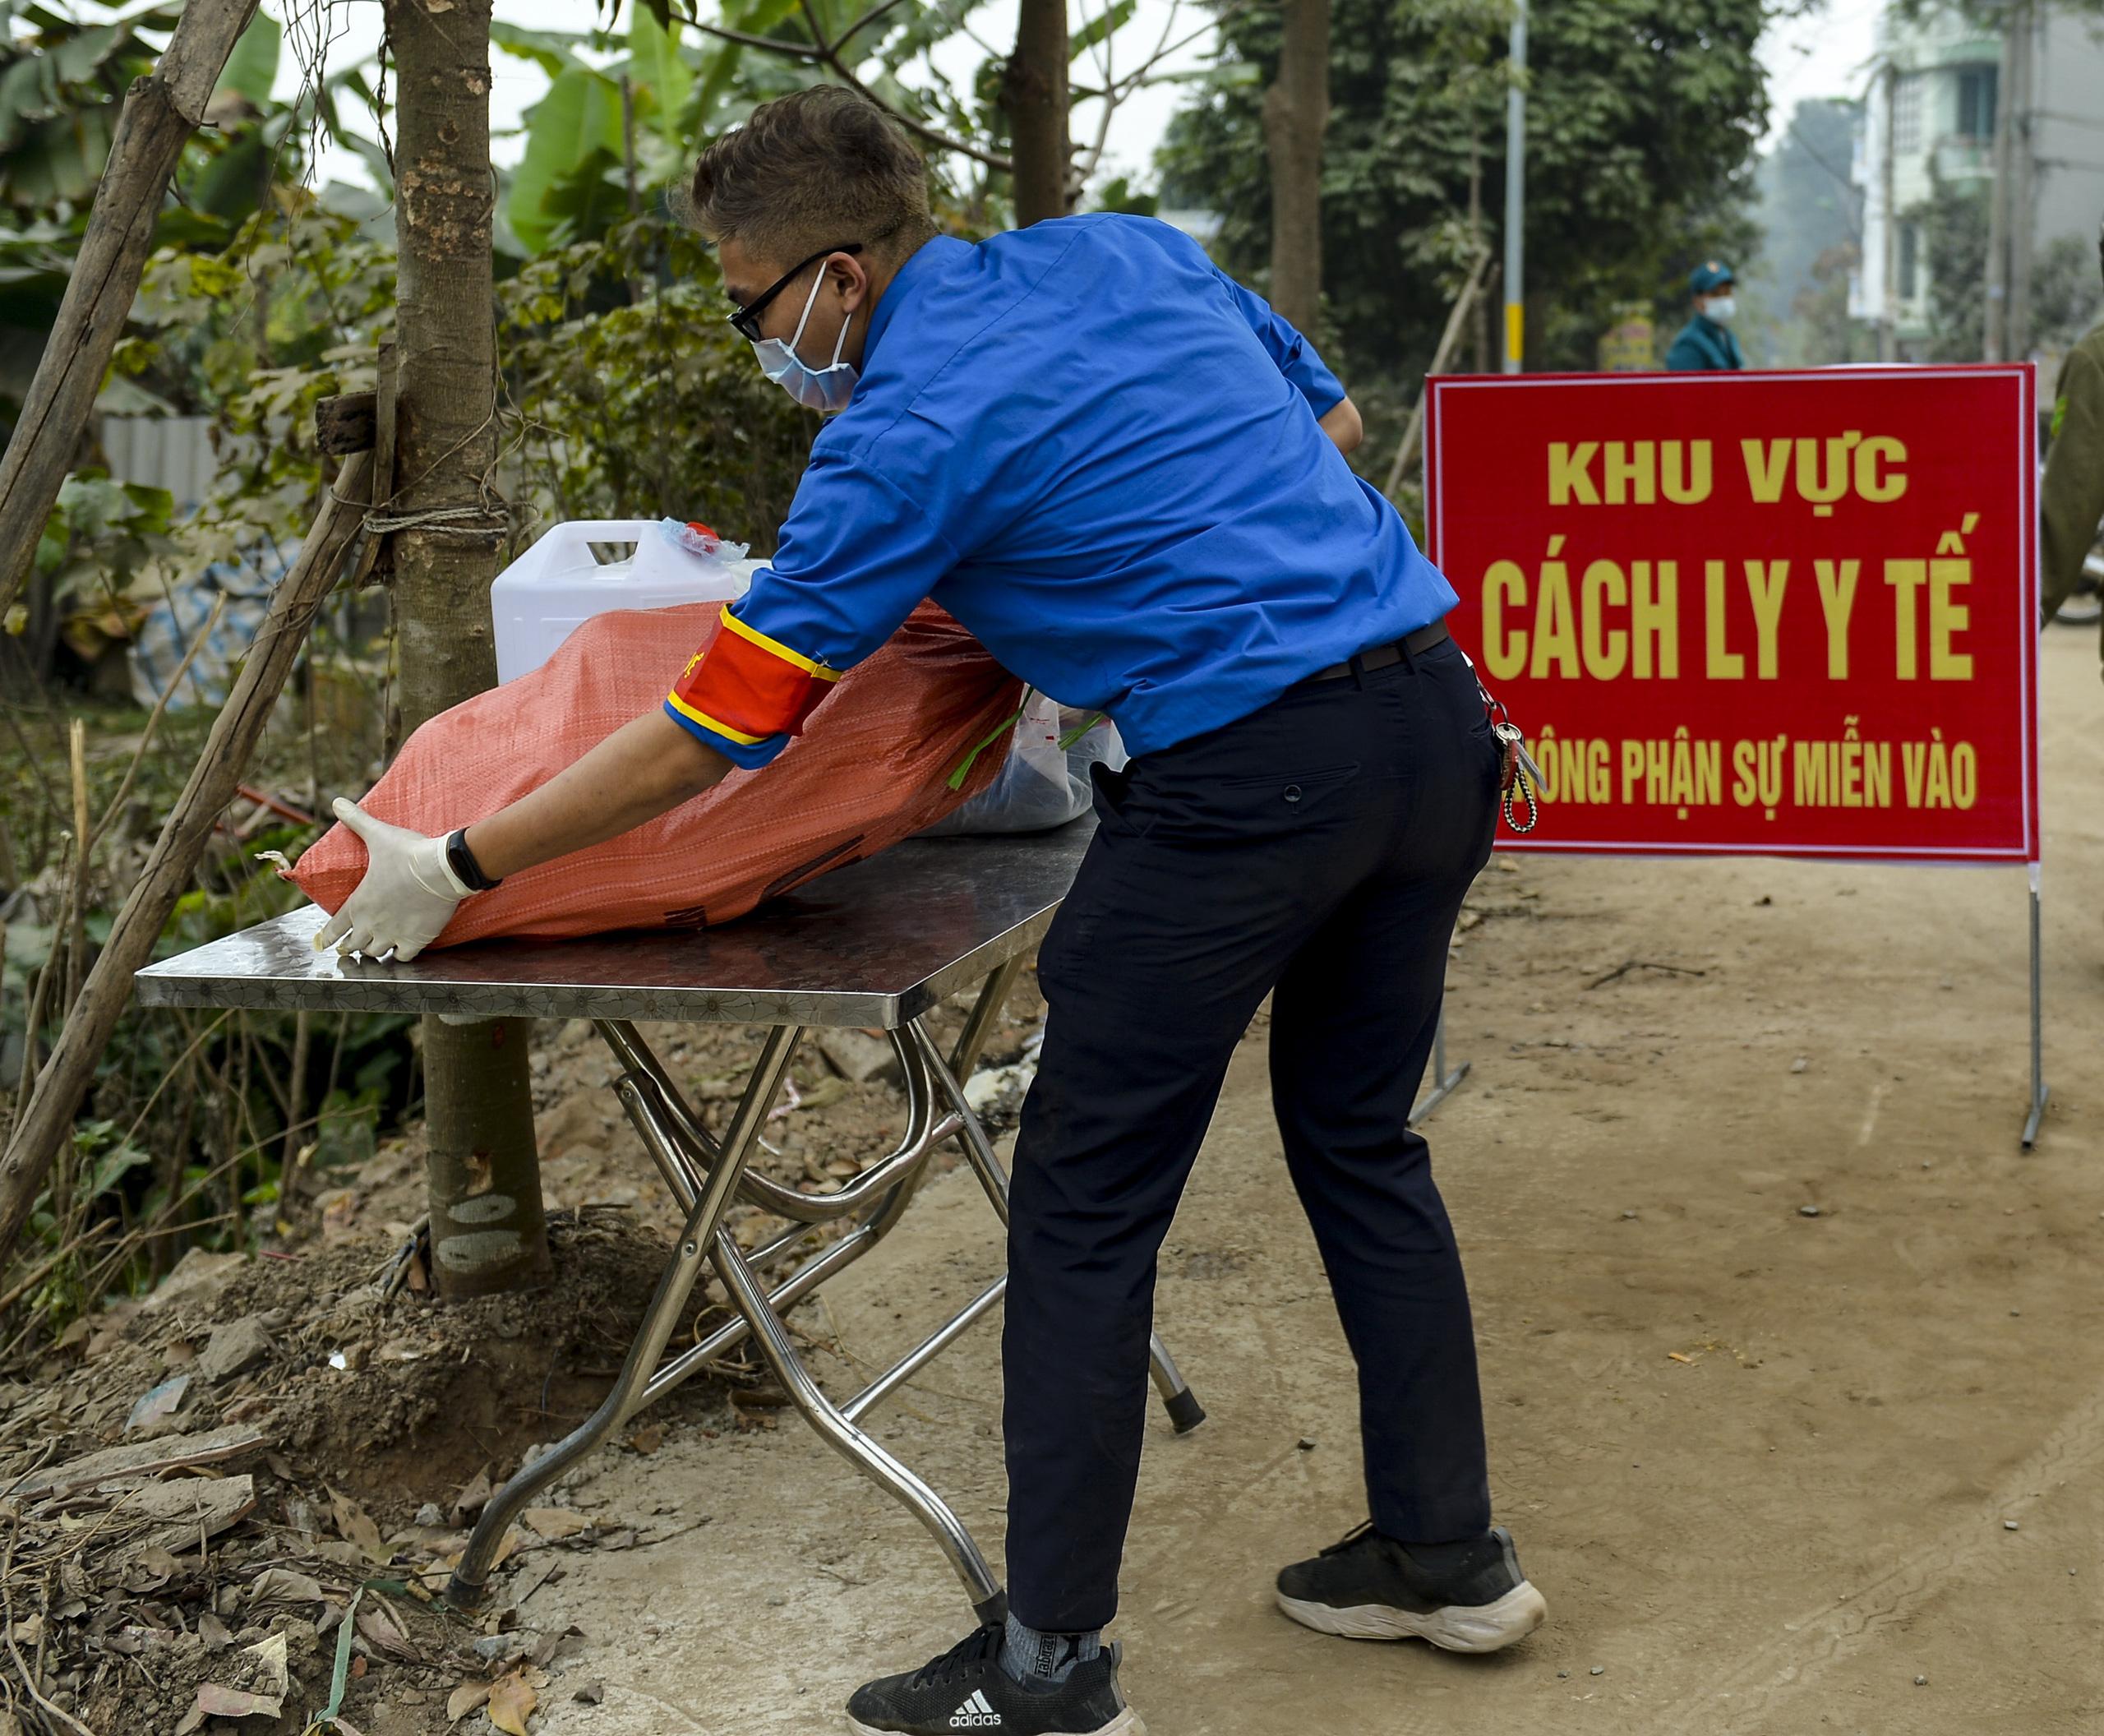 Hà Nội: Một gia đình dùng xe bán tải tiếp tế đồ cho người thân đang bị cách ly ở Đông Anh - Ảnh 12.